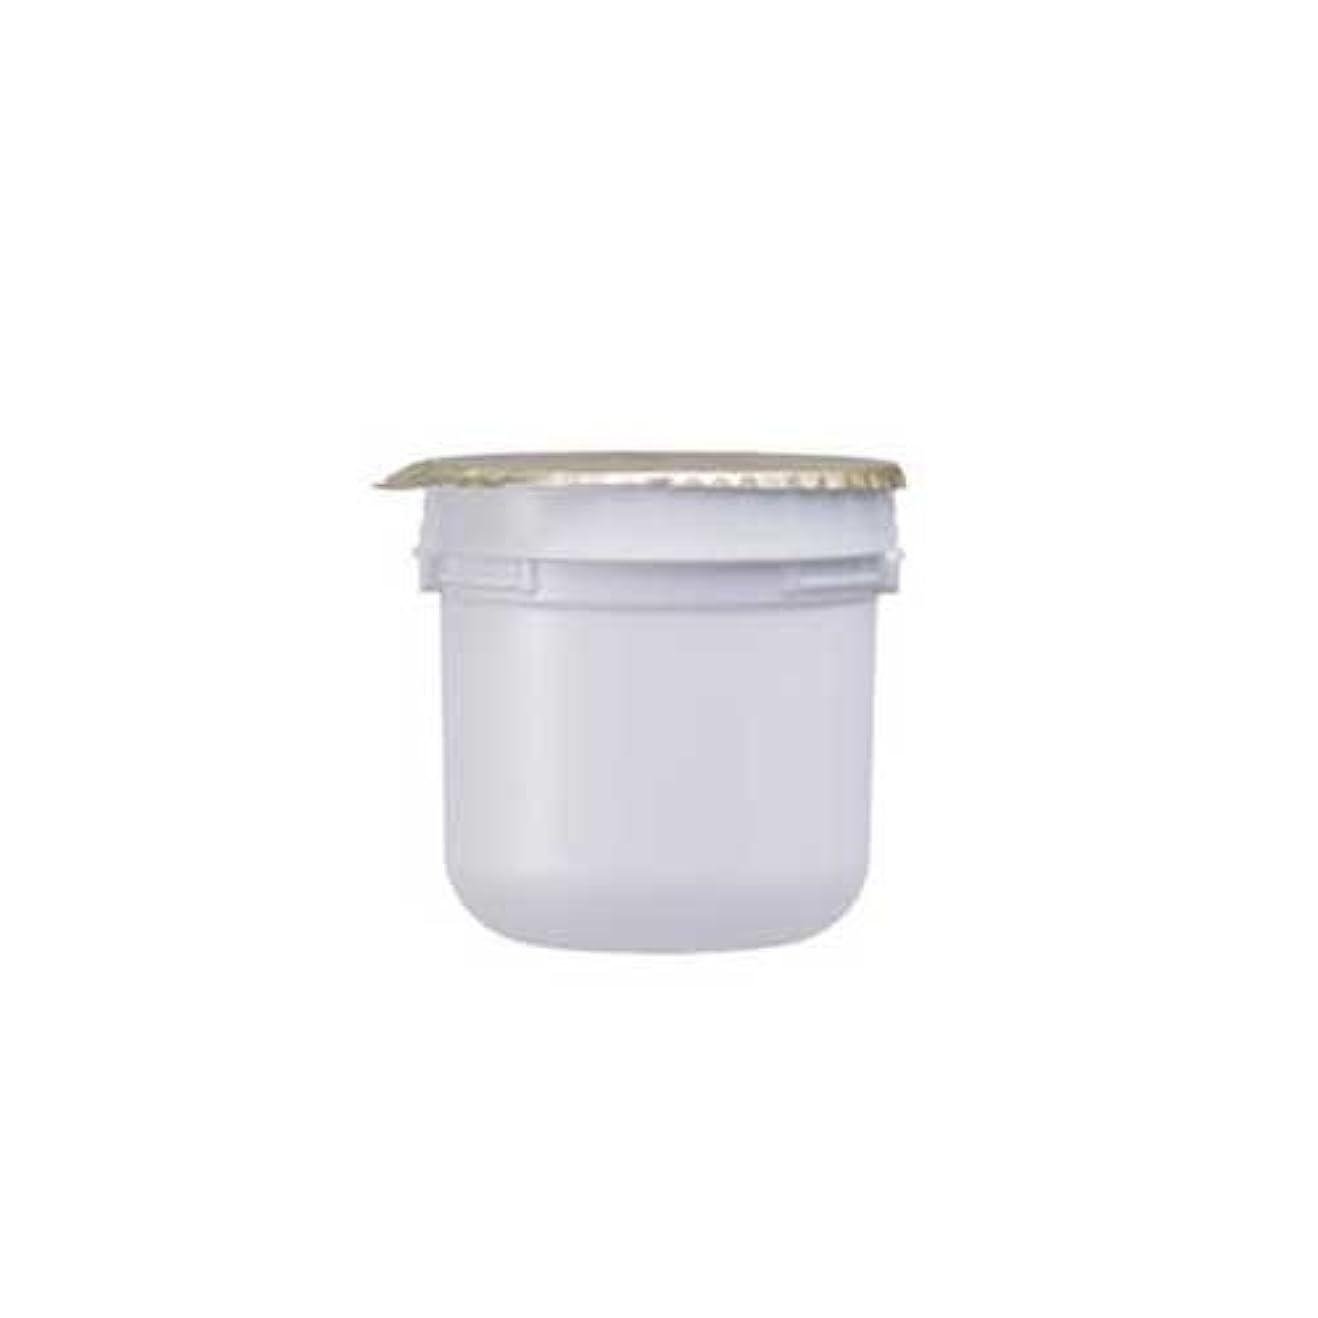 魔術ポジション肺炎ASTALIFT(アスタリフト) ホワイト クリーム(美白クリーム)レフィル 30g